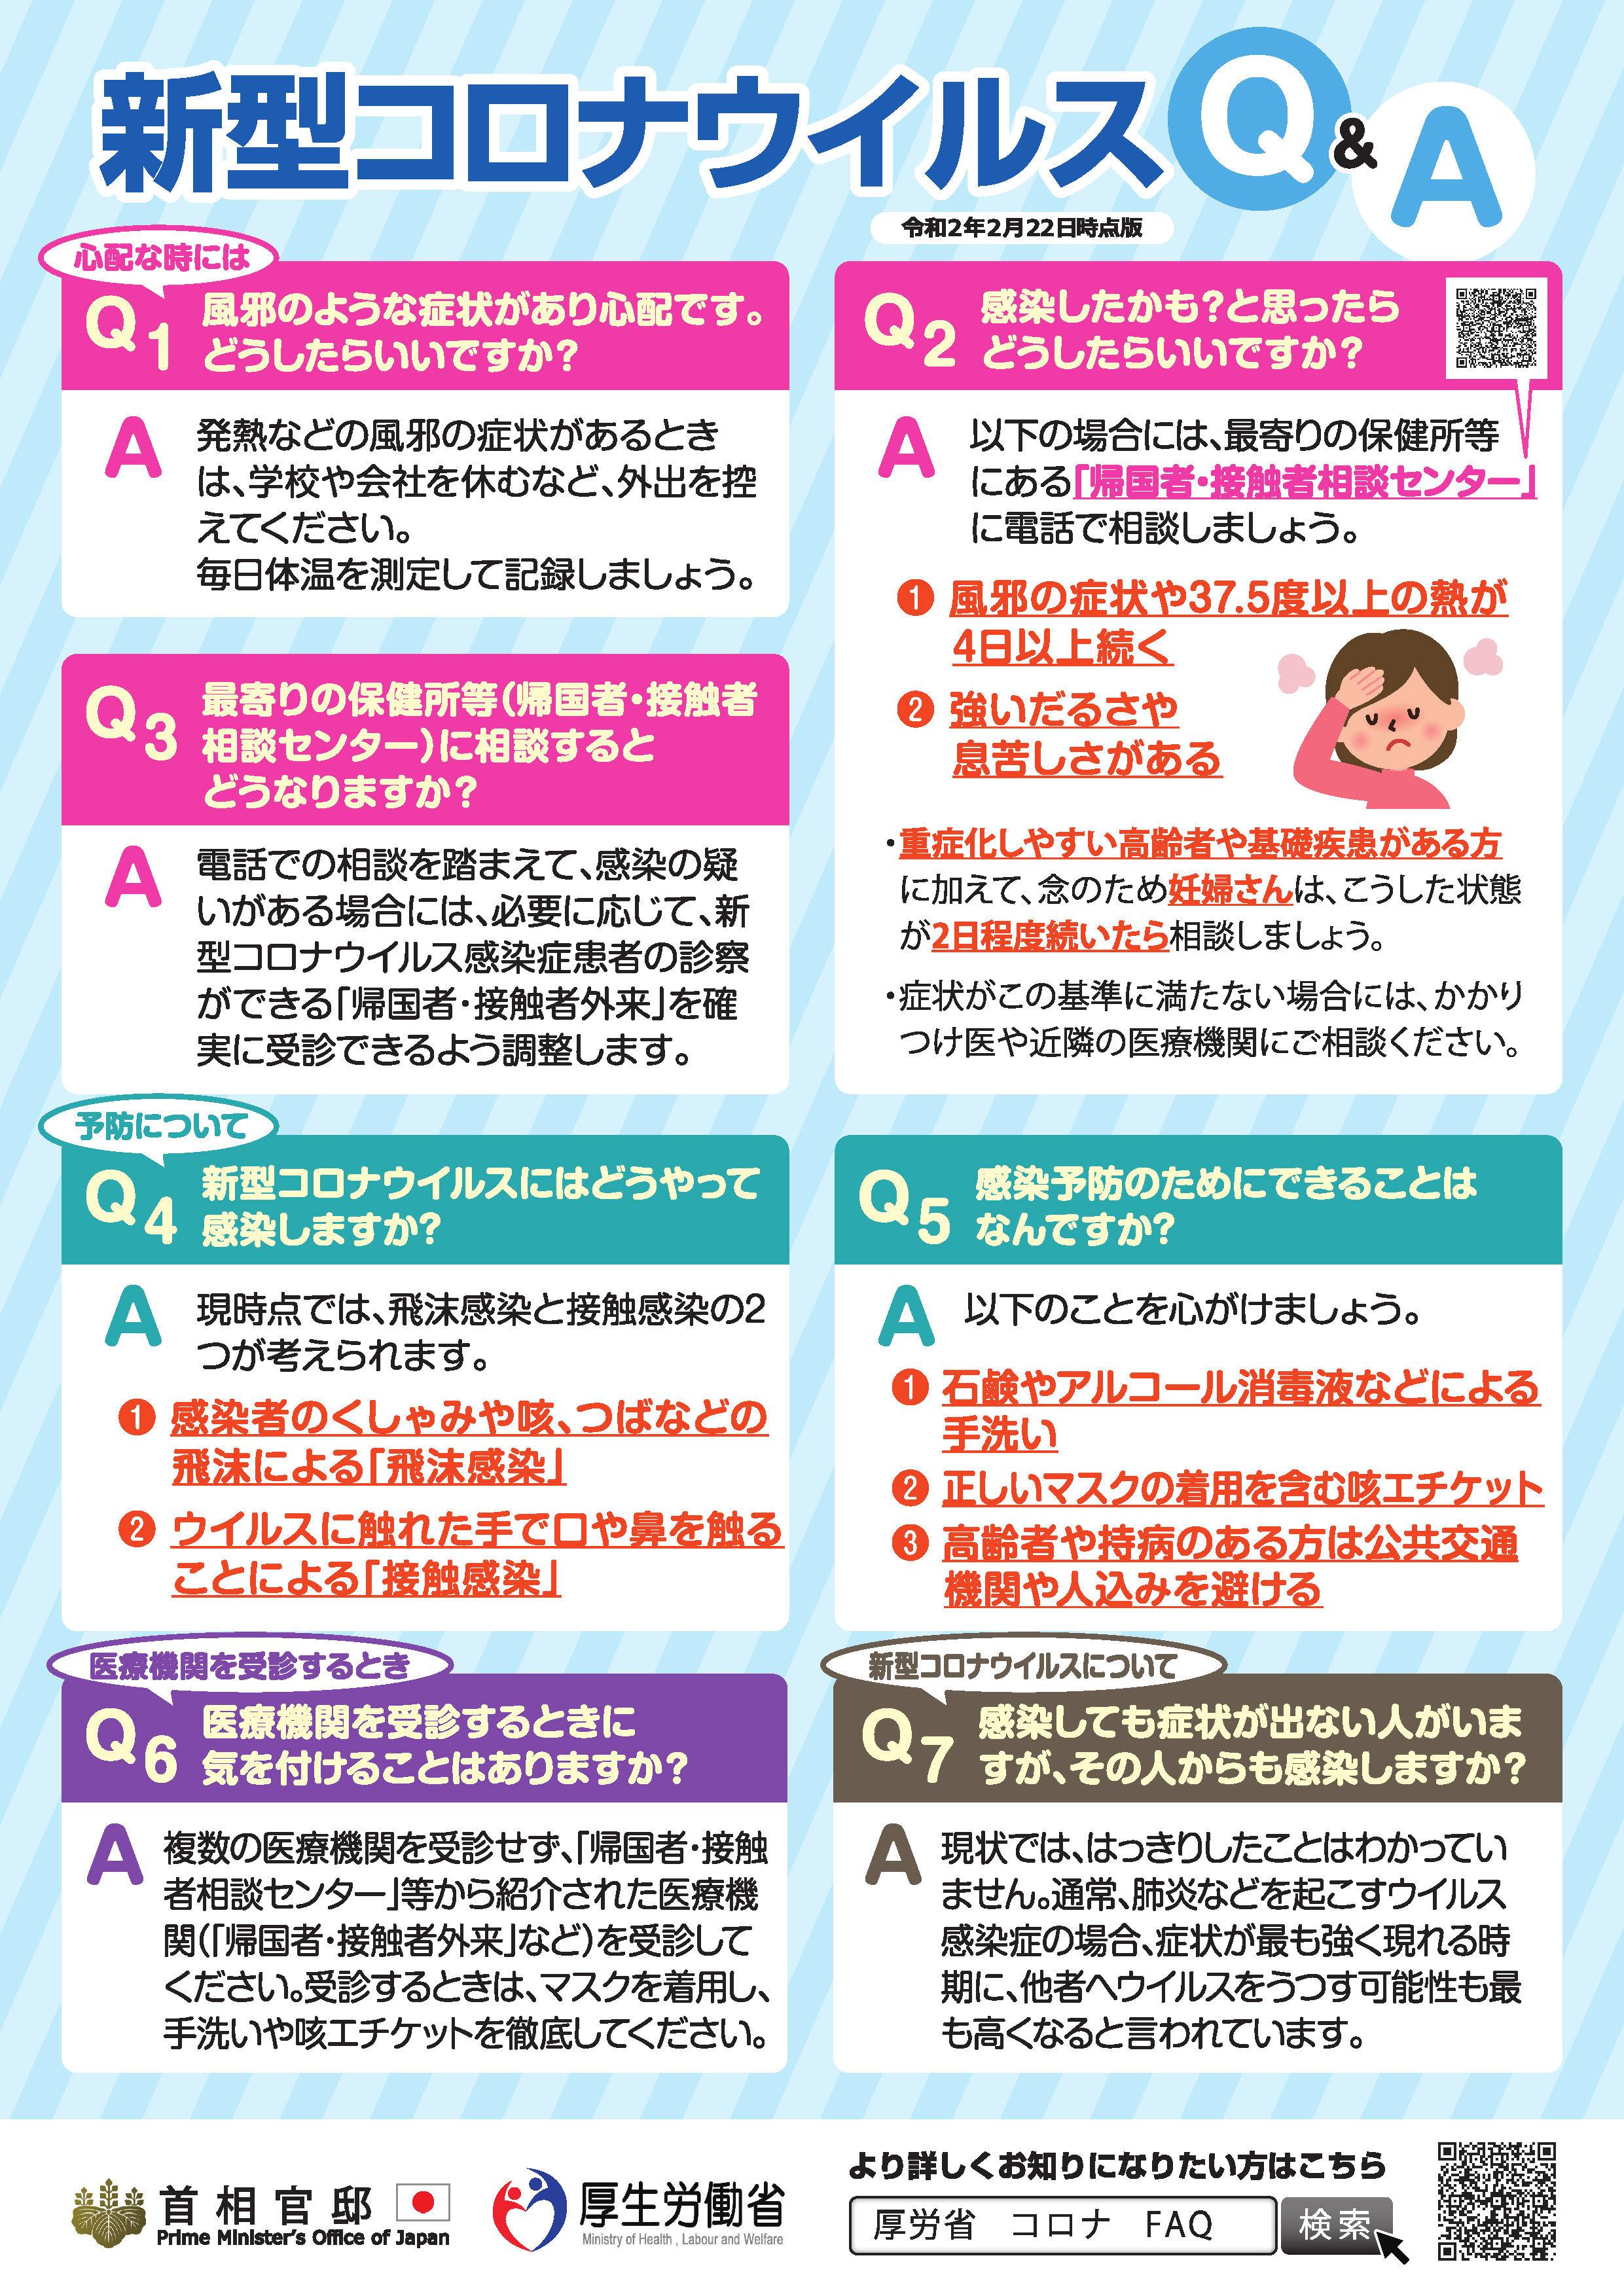 新型コロナウイルス店内感染防止の対策について | 長泉・沼津・函南 ...